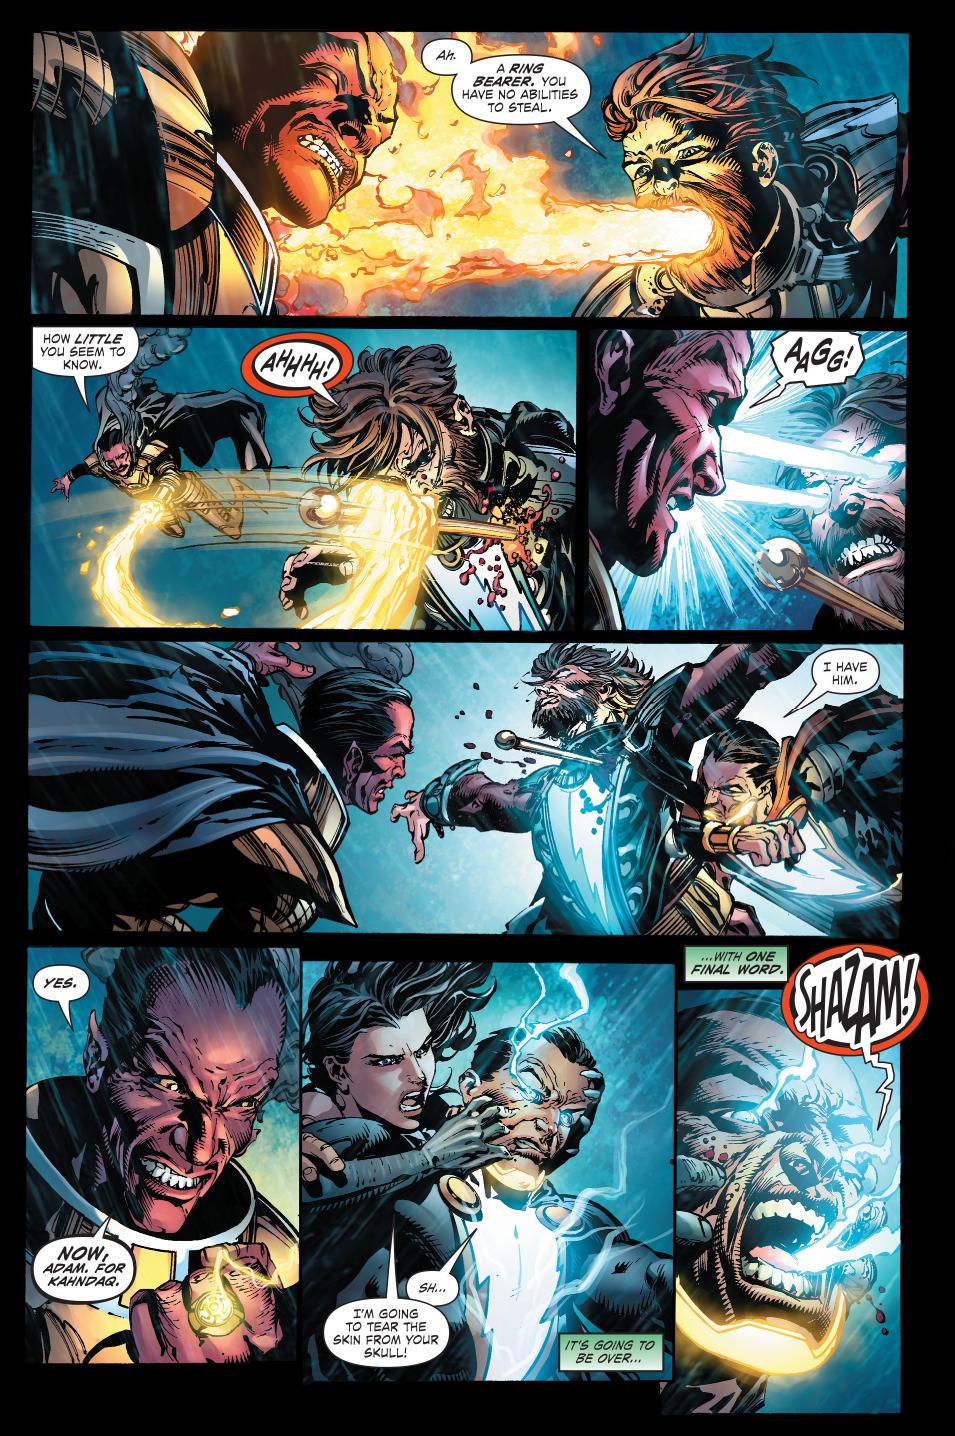 sinestro and black adam vs mazahs